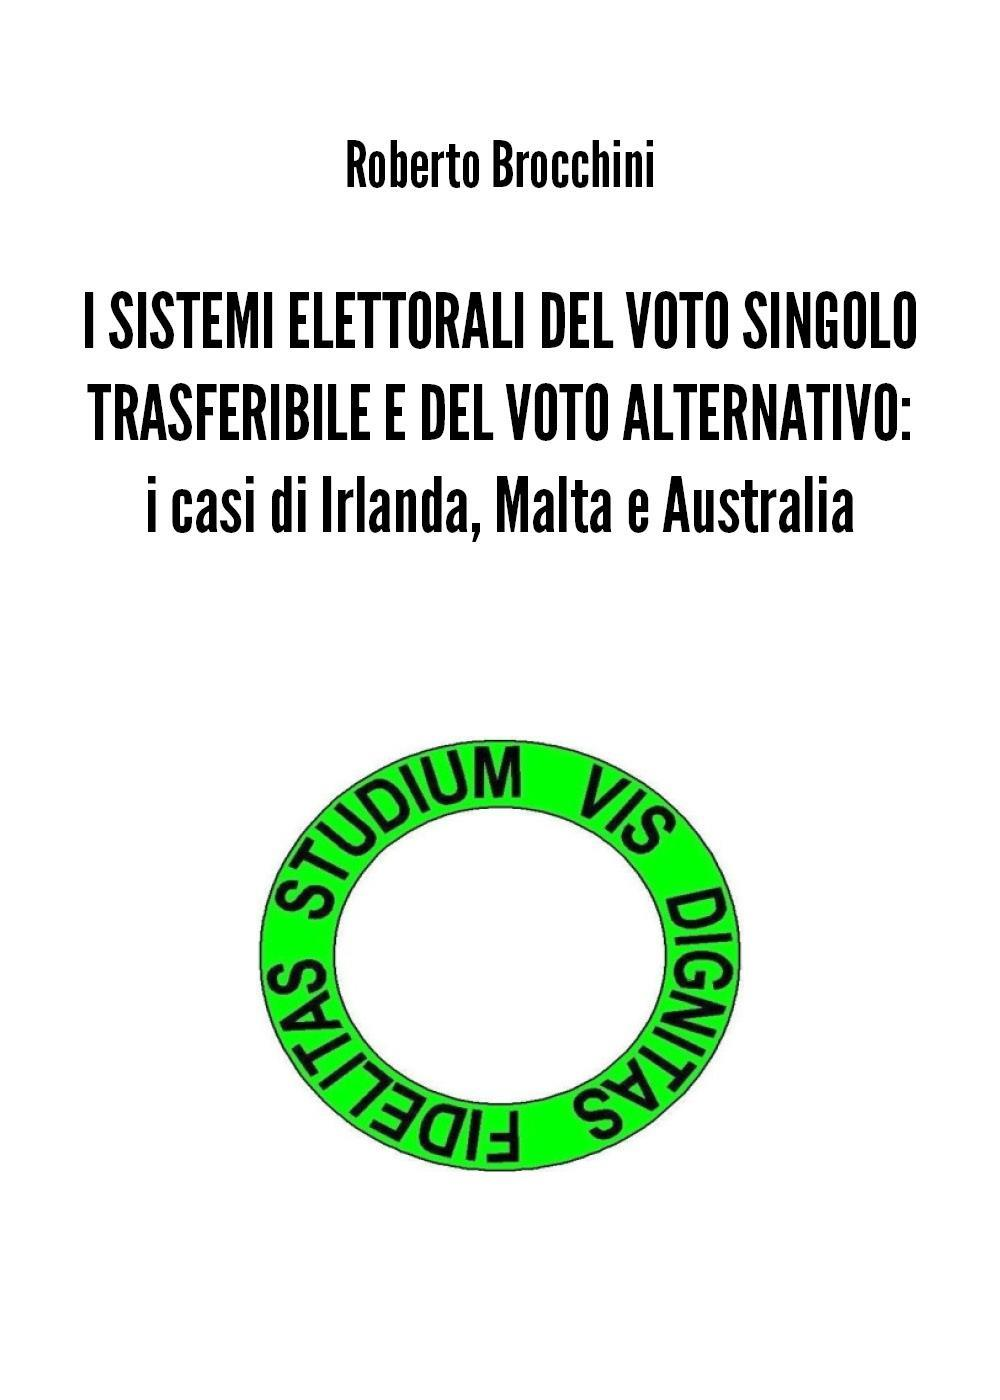 I SISTEMI ELETTORALI DEL VOTO SINGOLO TRASFERIBILE E DEL VOTO ALTERNATIVO: i casi di Irlanda, Malta e Australia